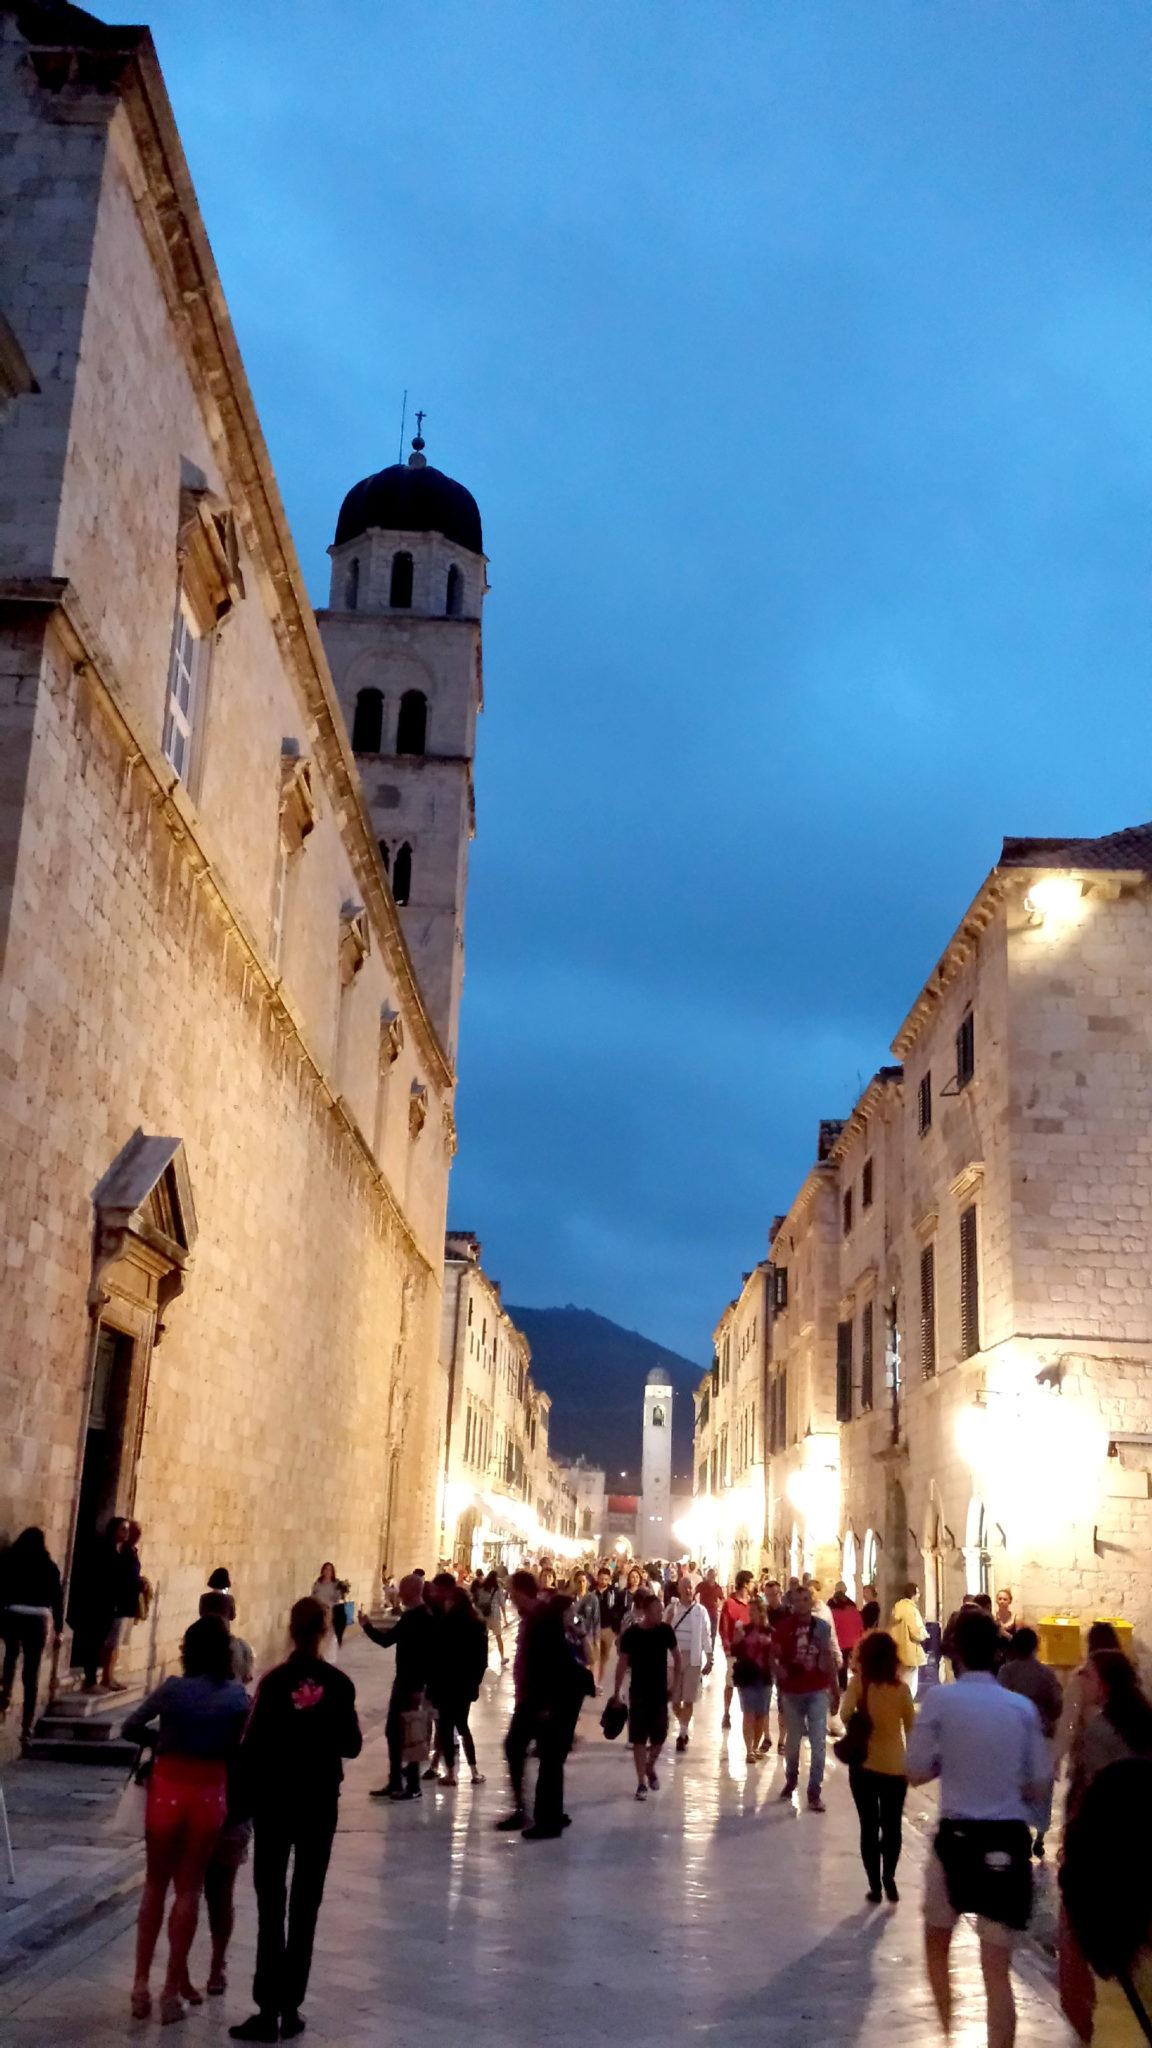 Hema_blog_mode_voyage_croatie_une_journee_a_dubrovnik_streets-night-20